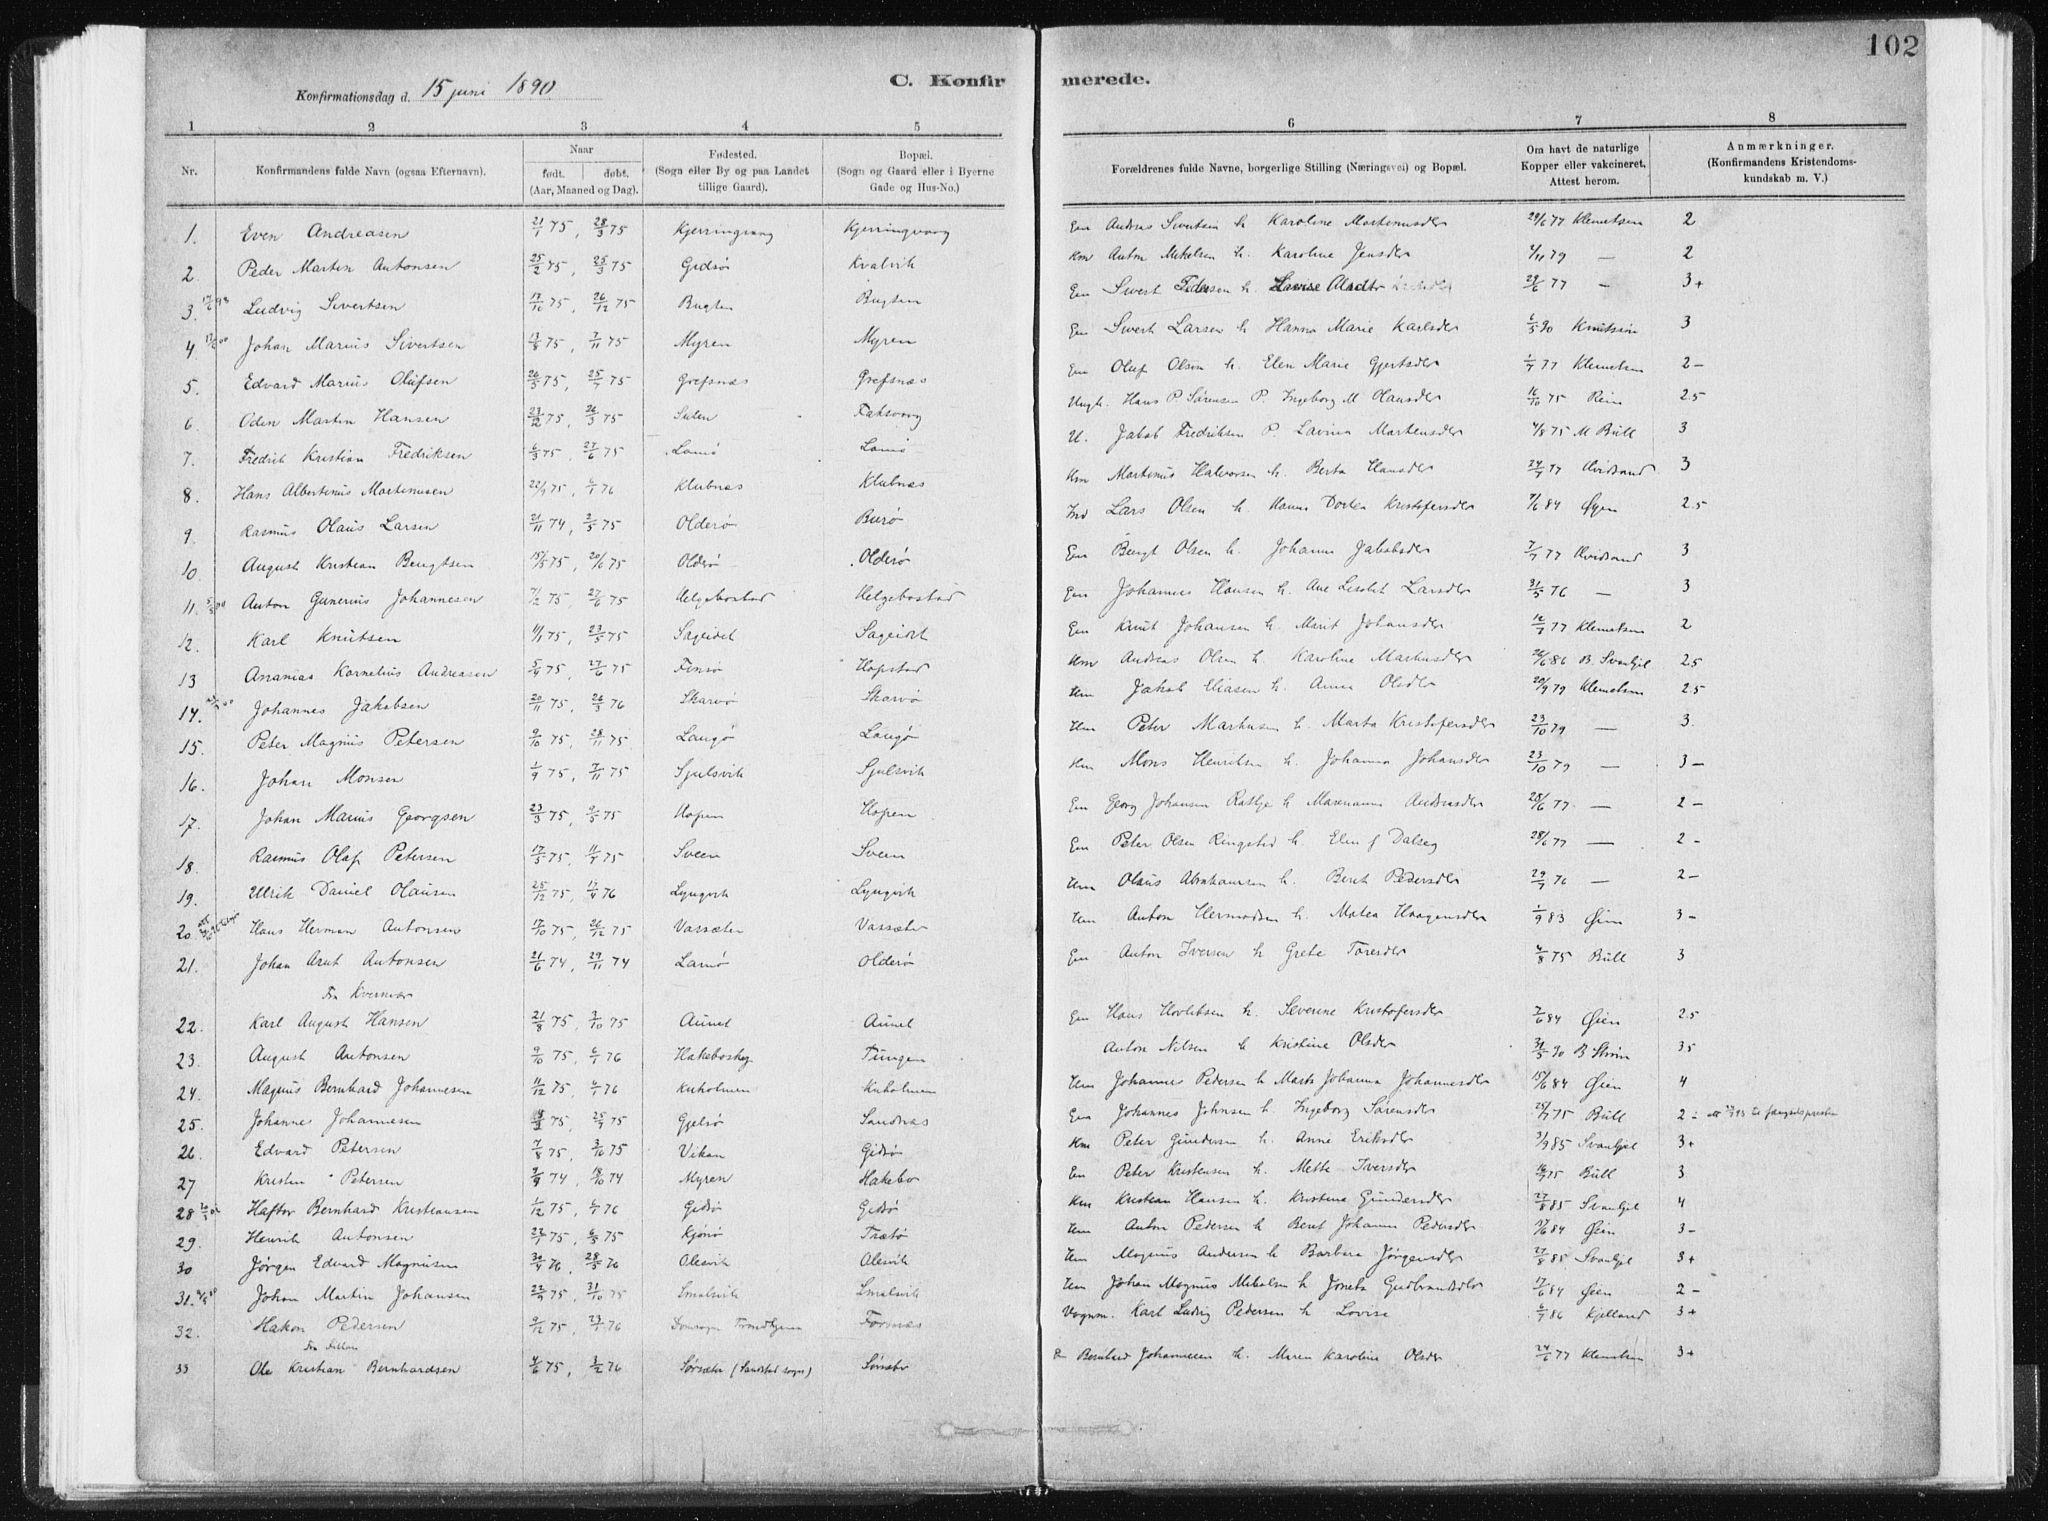 SAT, Ministerialprotokoller, klokkerbøker og fødselsregistre - Sør-Trøndelag, 634/L0533: Ministerialbok nr. 634A09, 1882-1901, s. 102